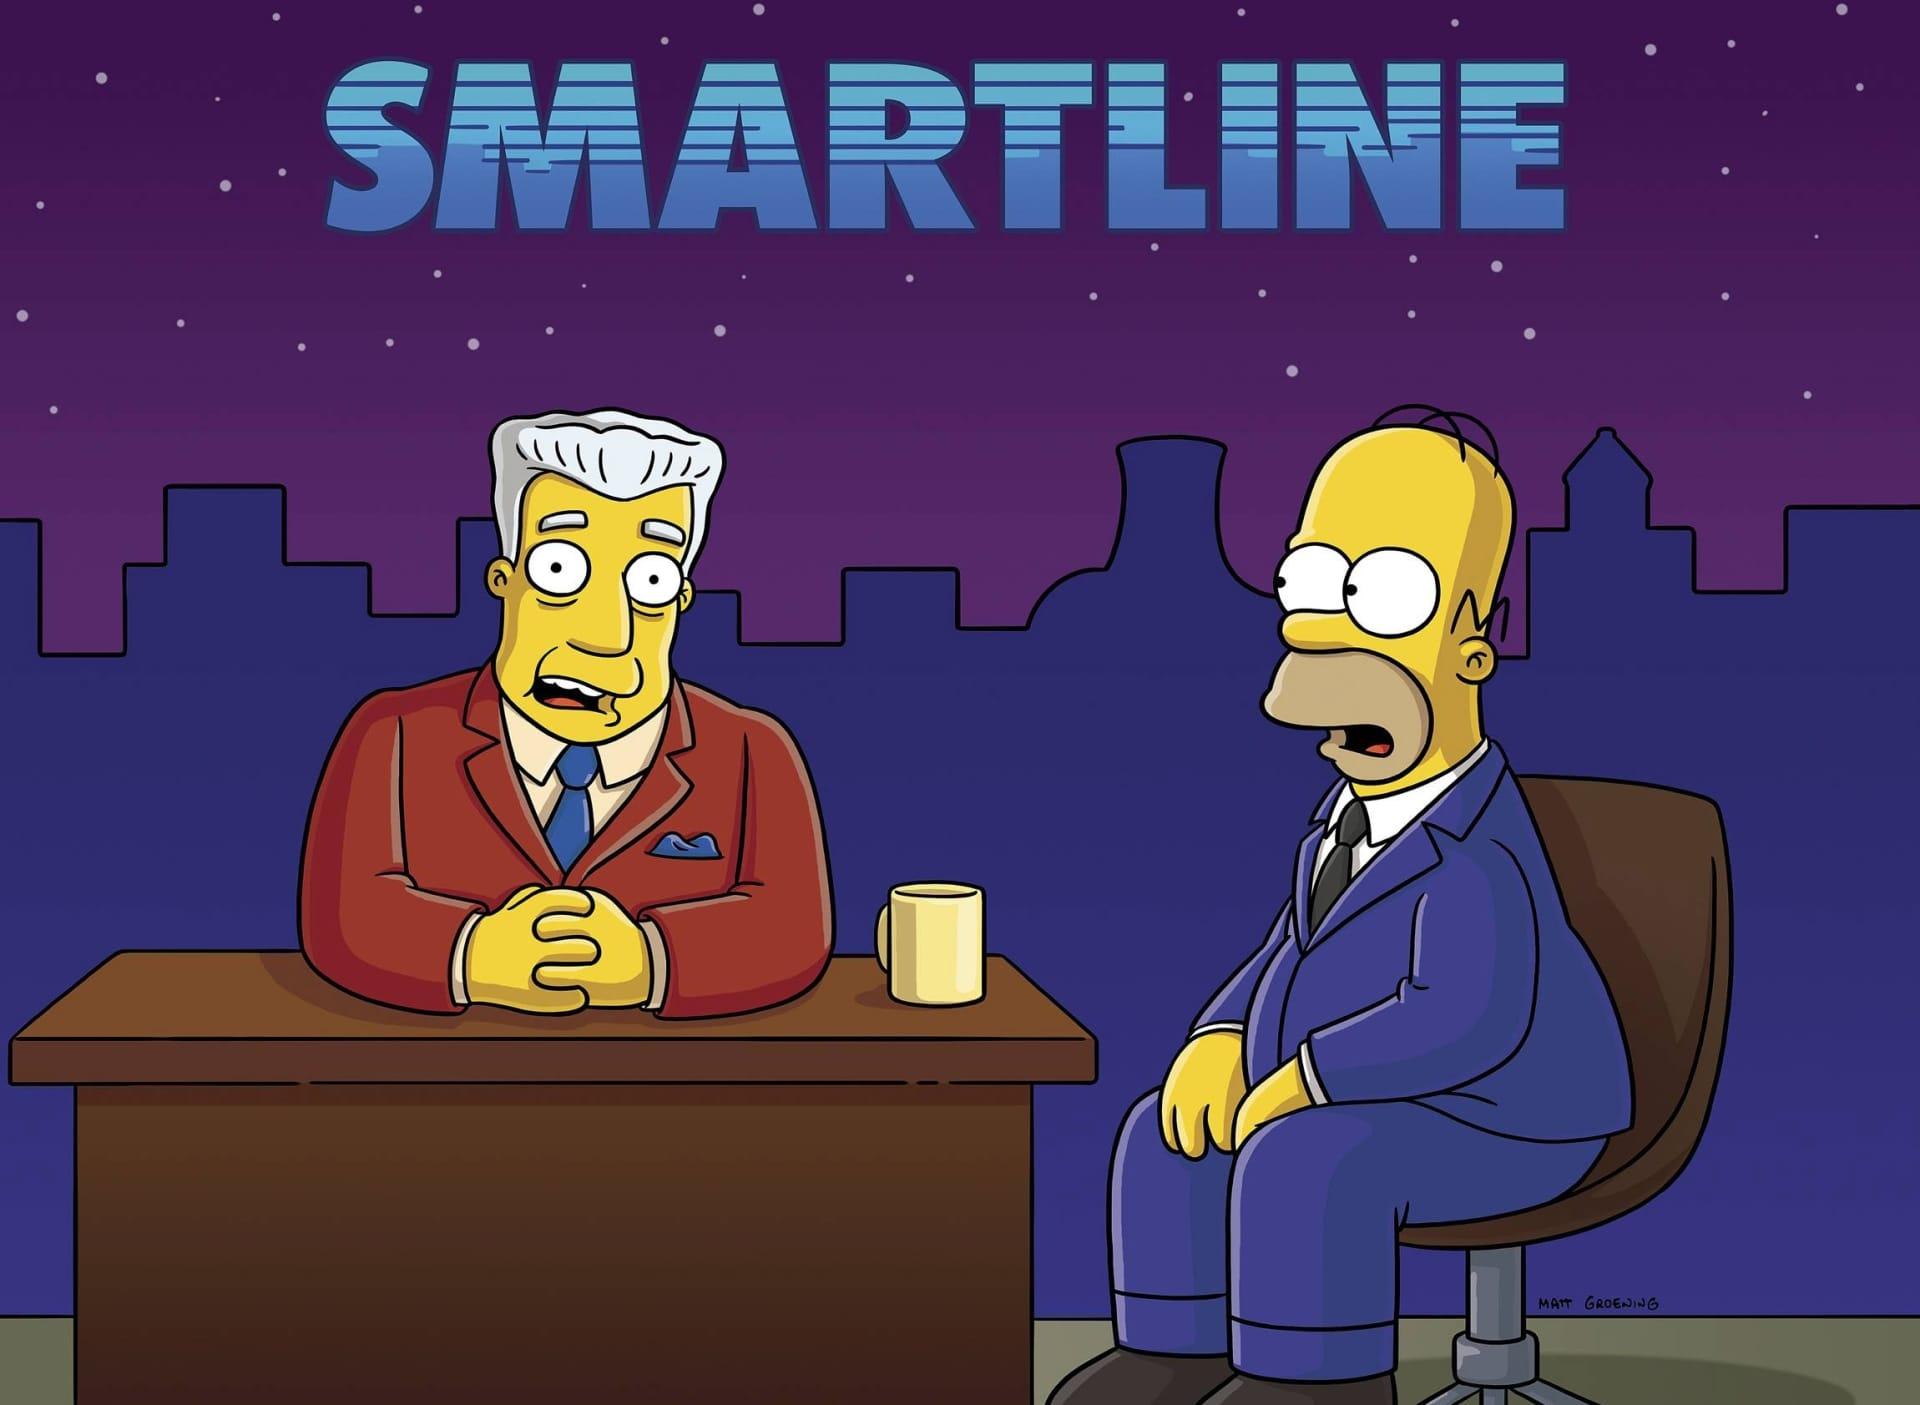 Les Simpson - Info sans gros mot